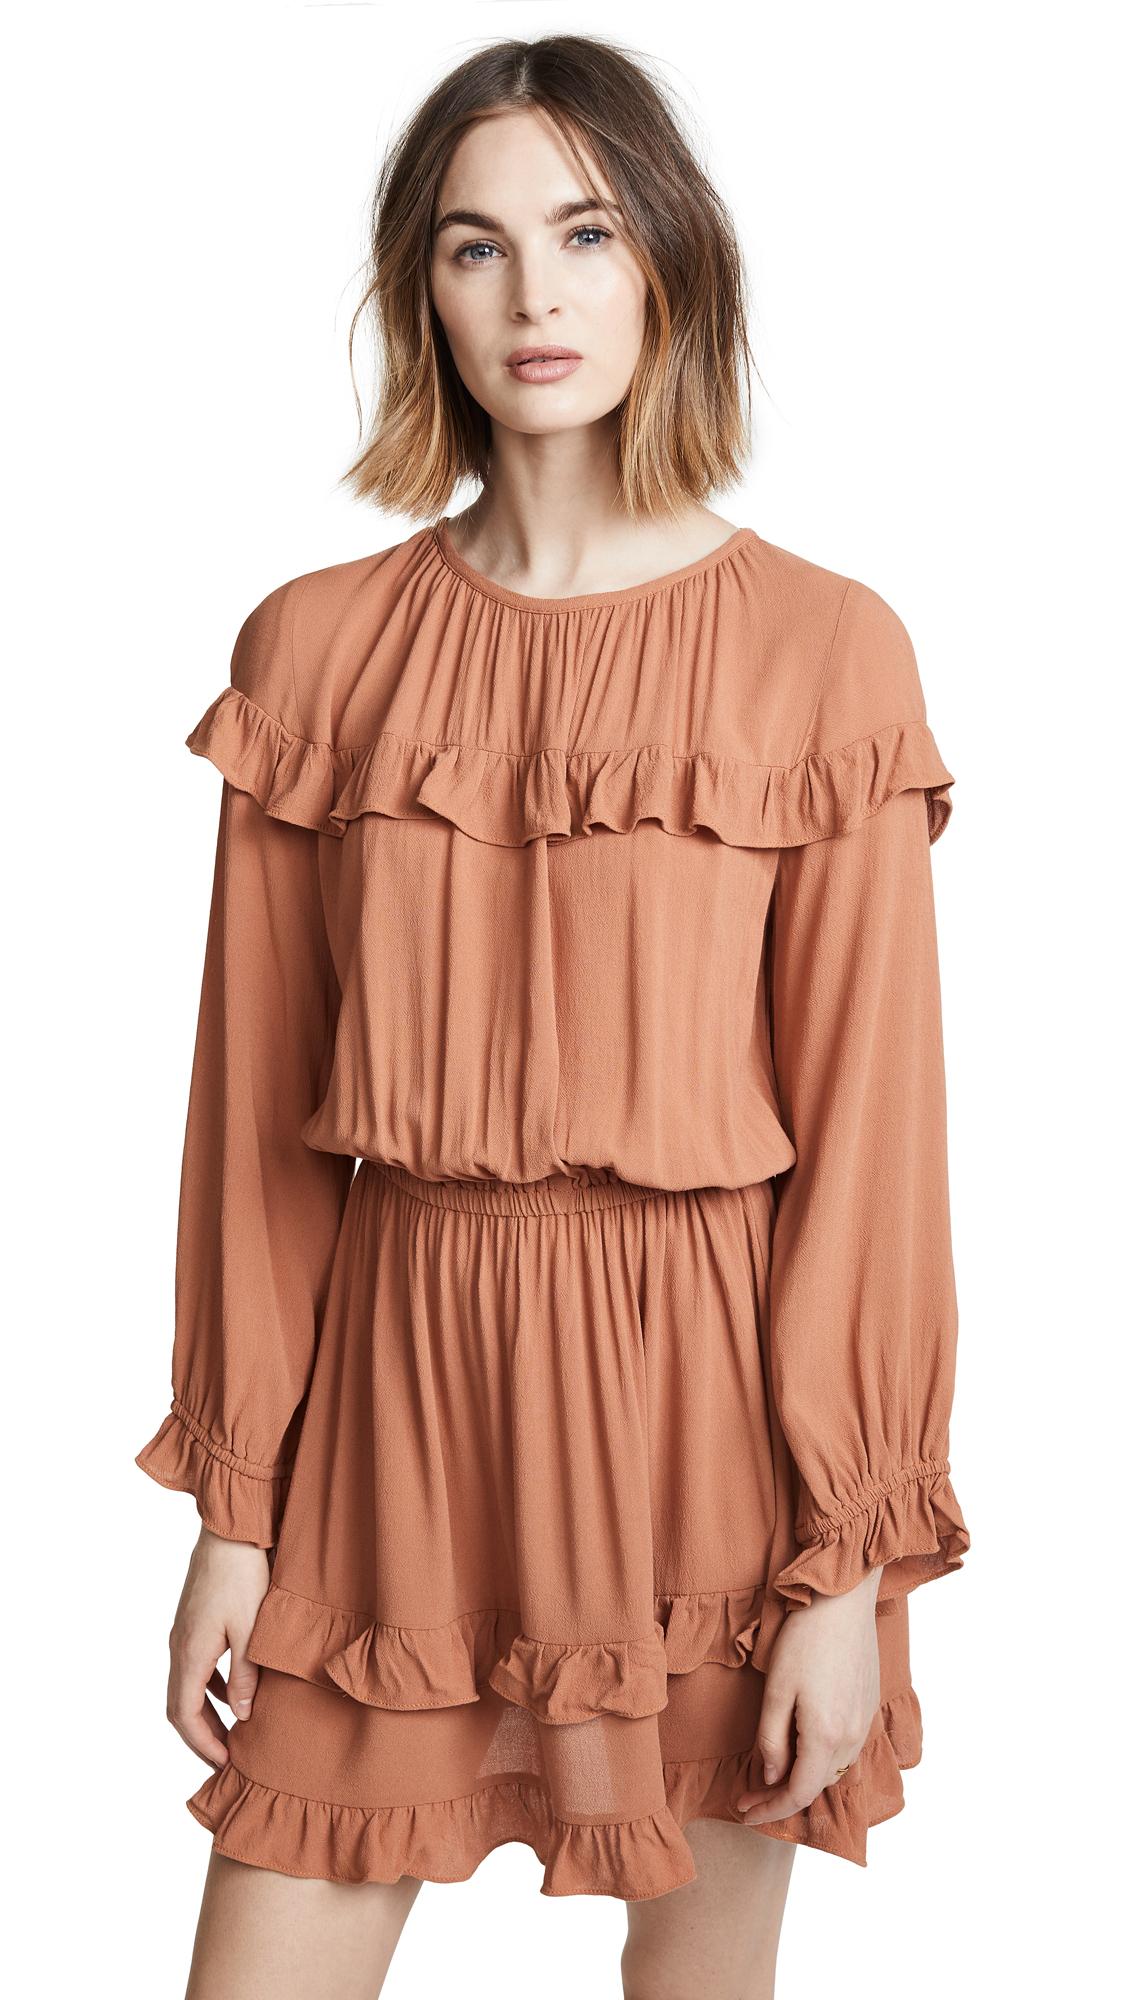 CREPE MAEVE DRESS